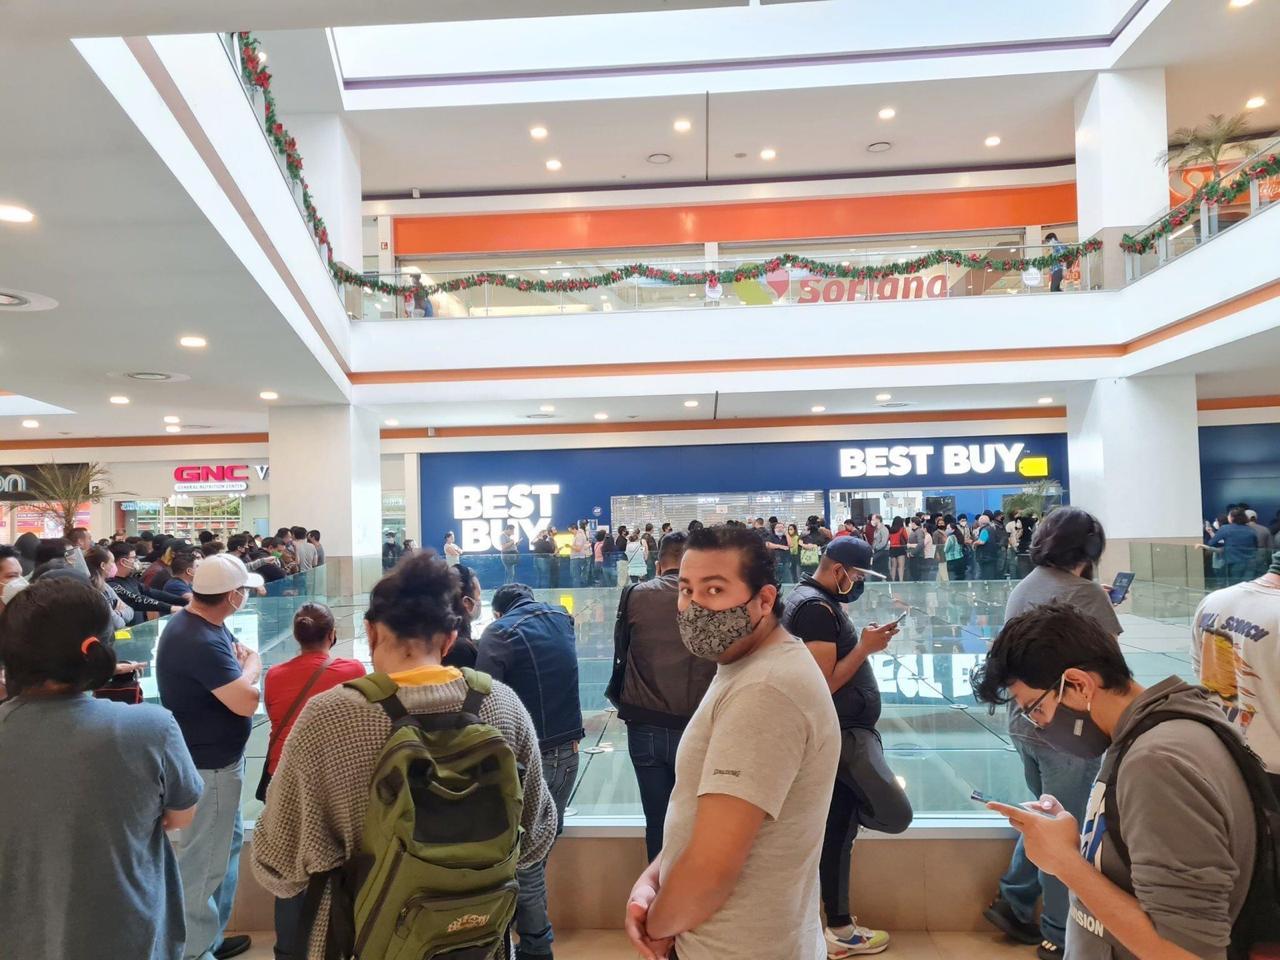 Cierran tiendas Best Buy por saturación en su primer día de liquidación